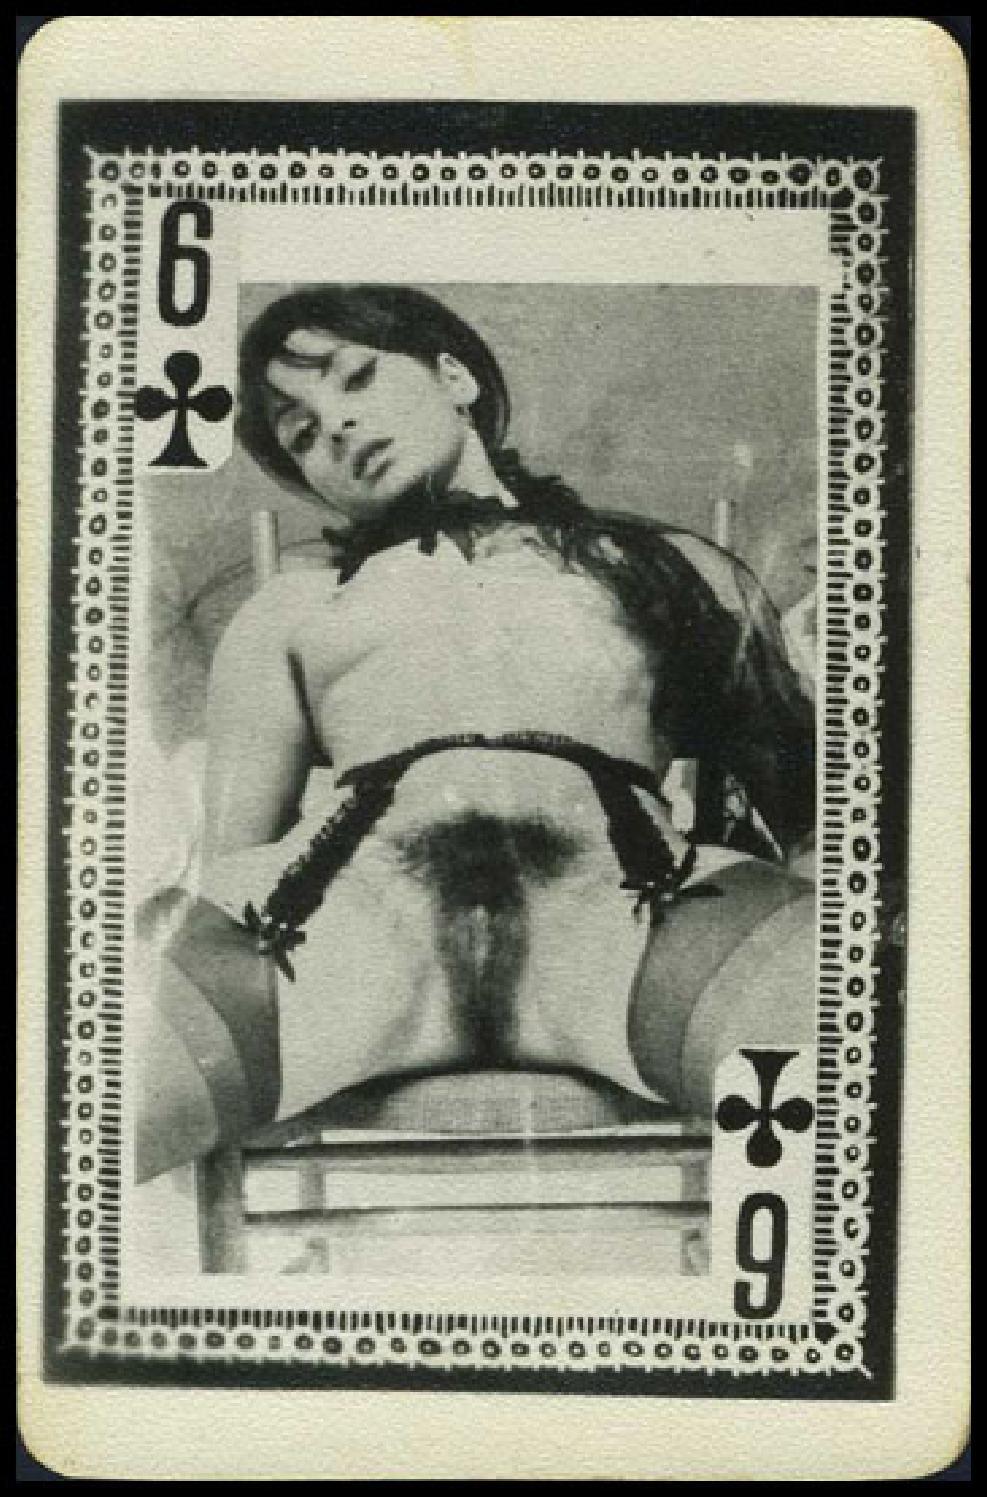 Эротические игральные карты ссср 20 фотография